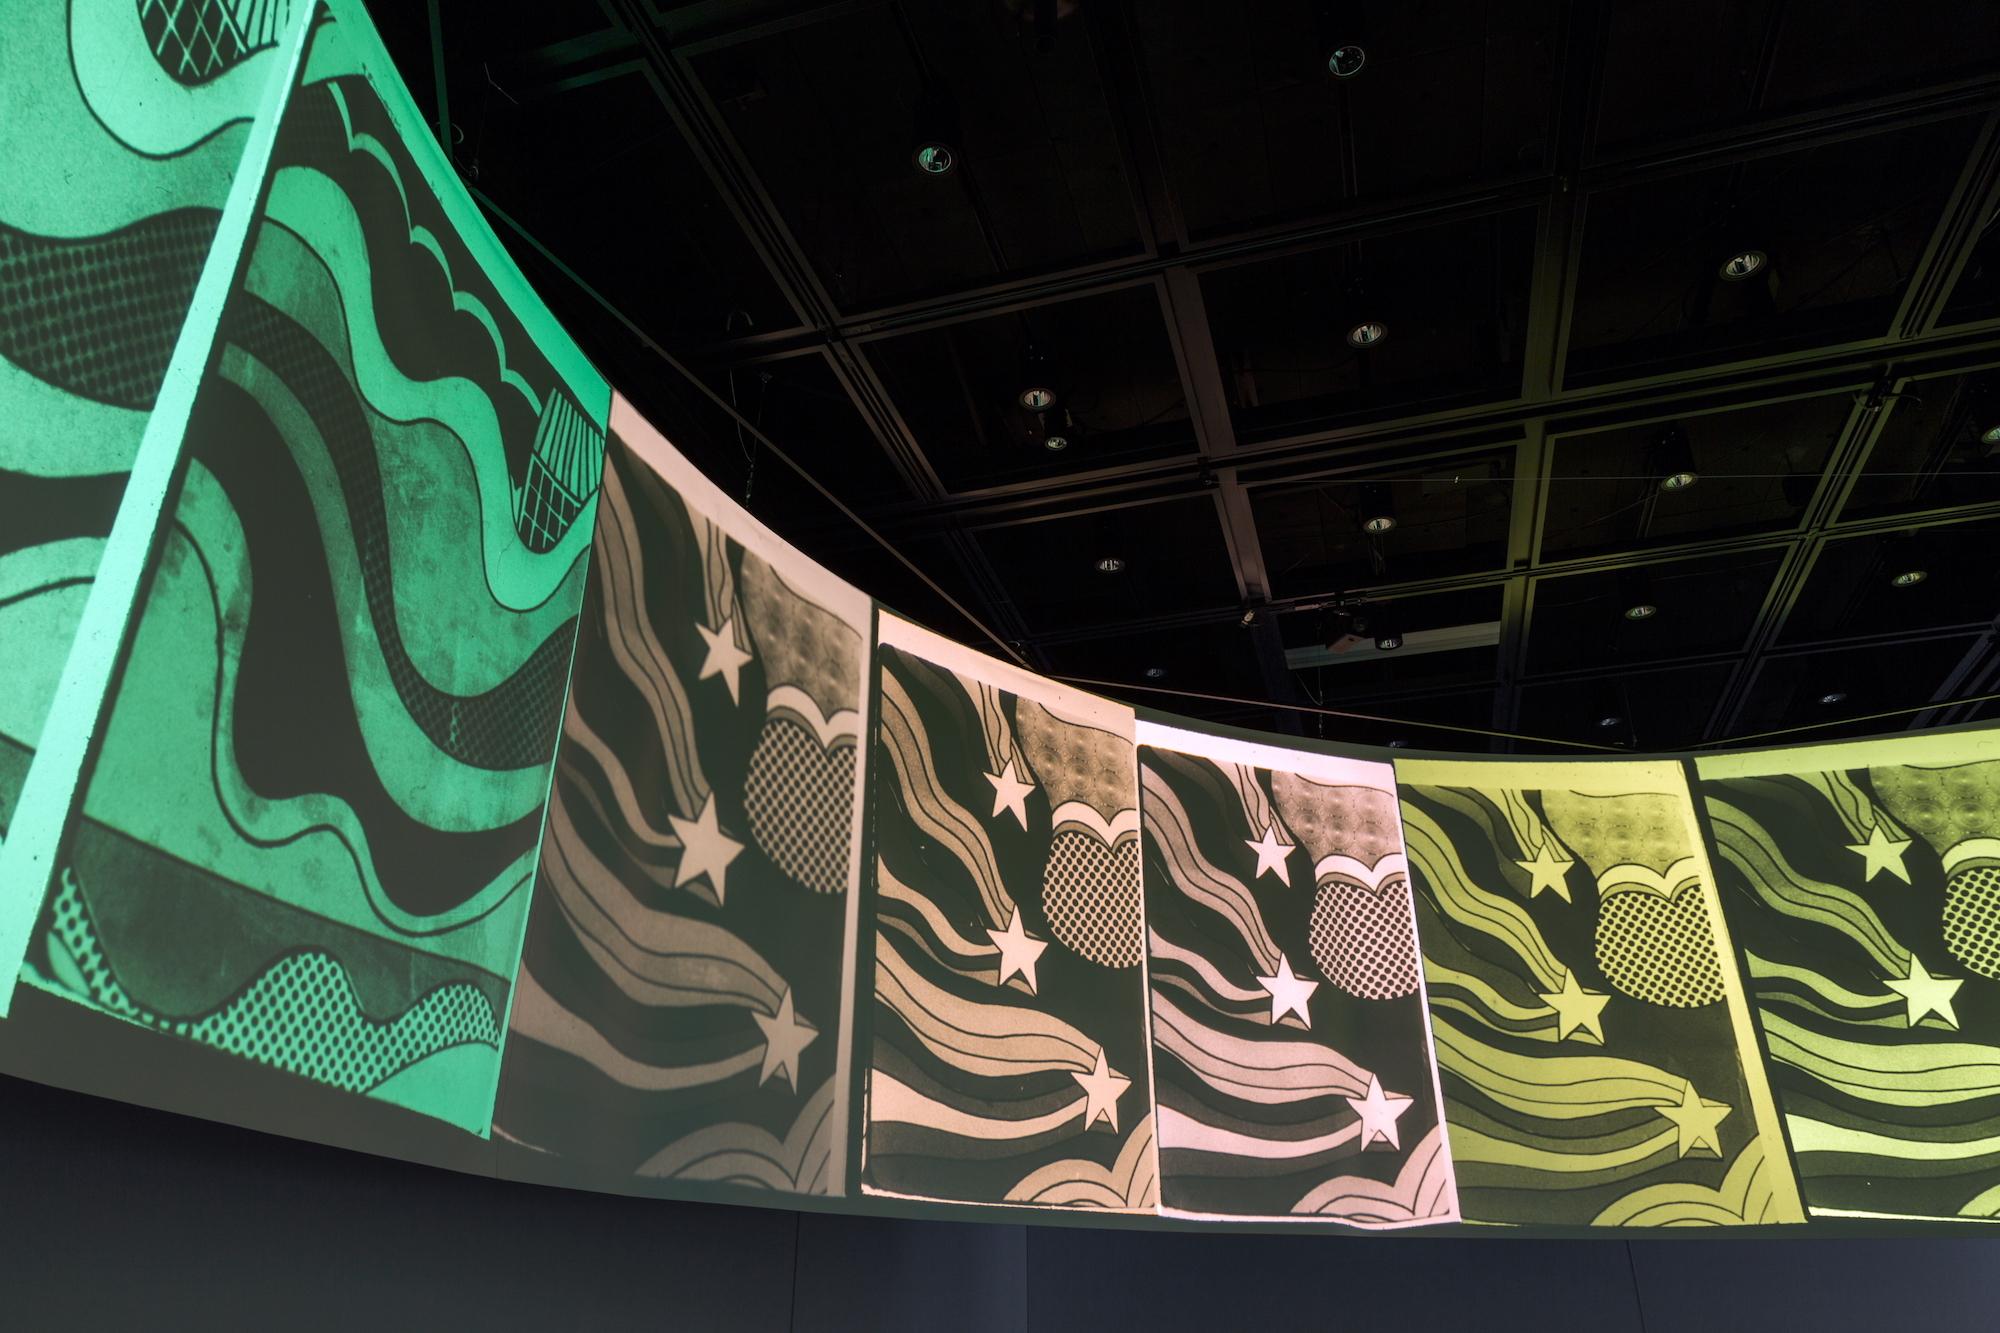 Cinematic Illumination by Shuzo Azuchi Gulliver MoMA